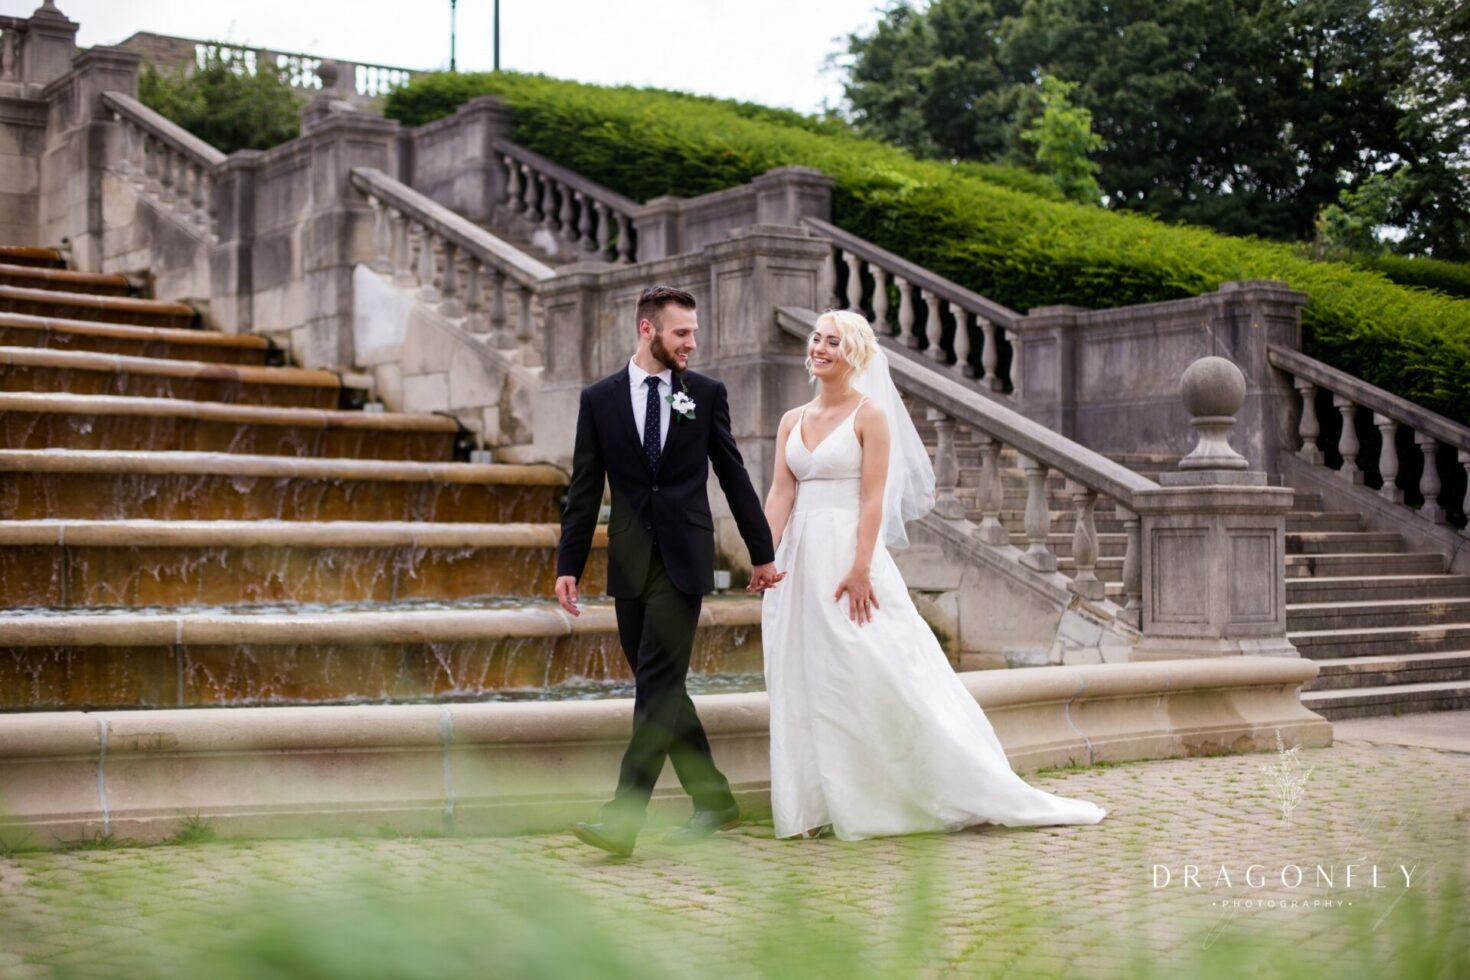 Couple walking on wedding day